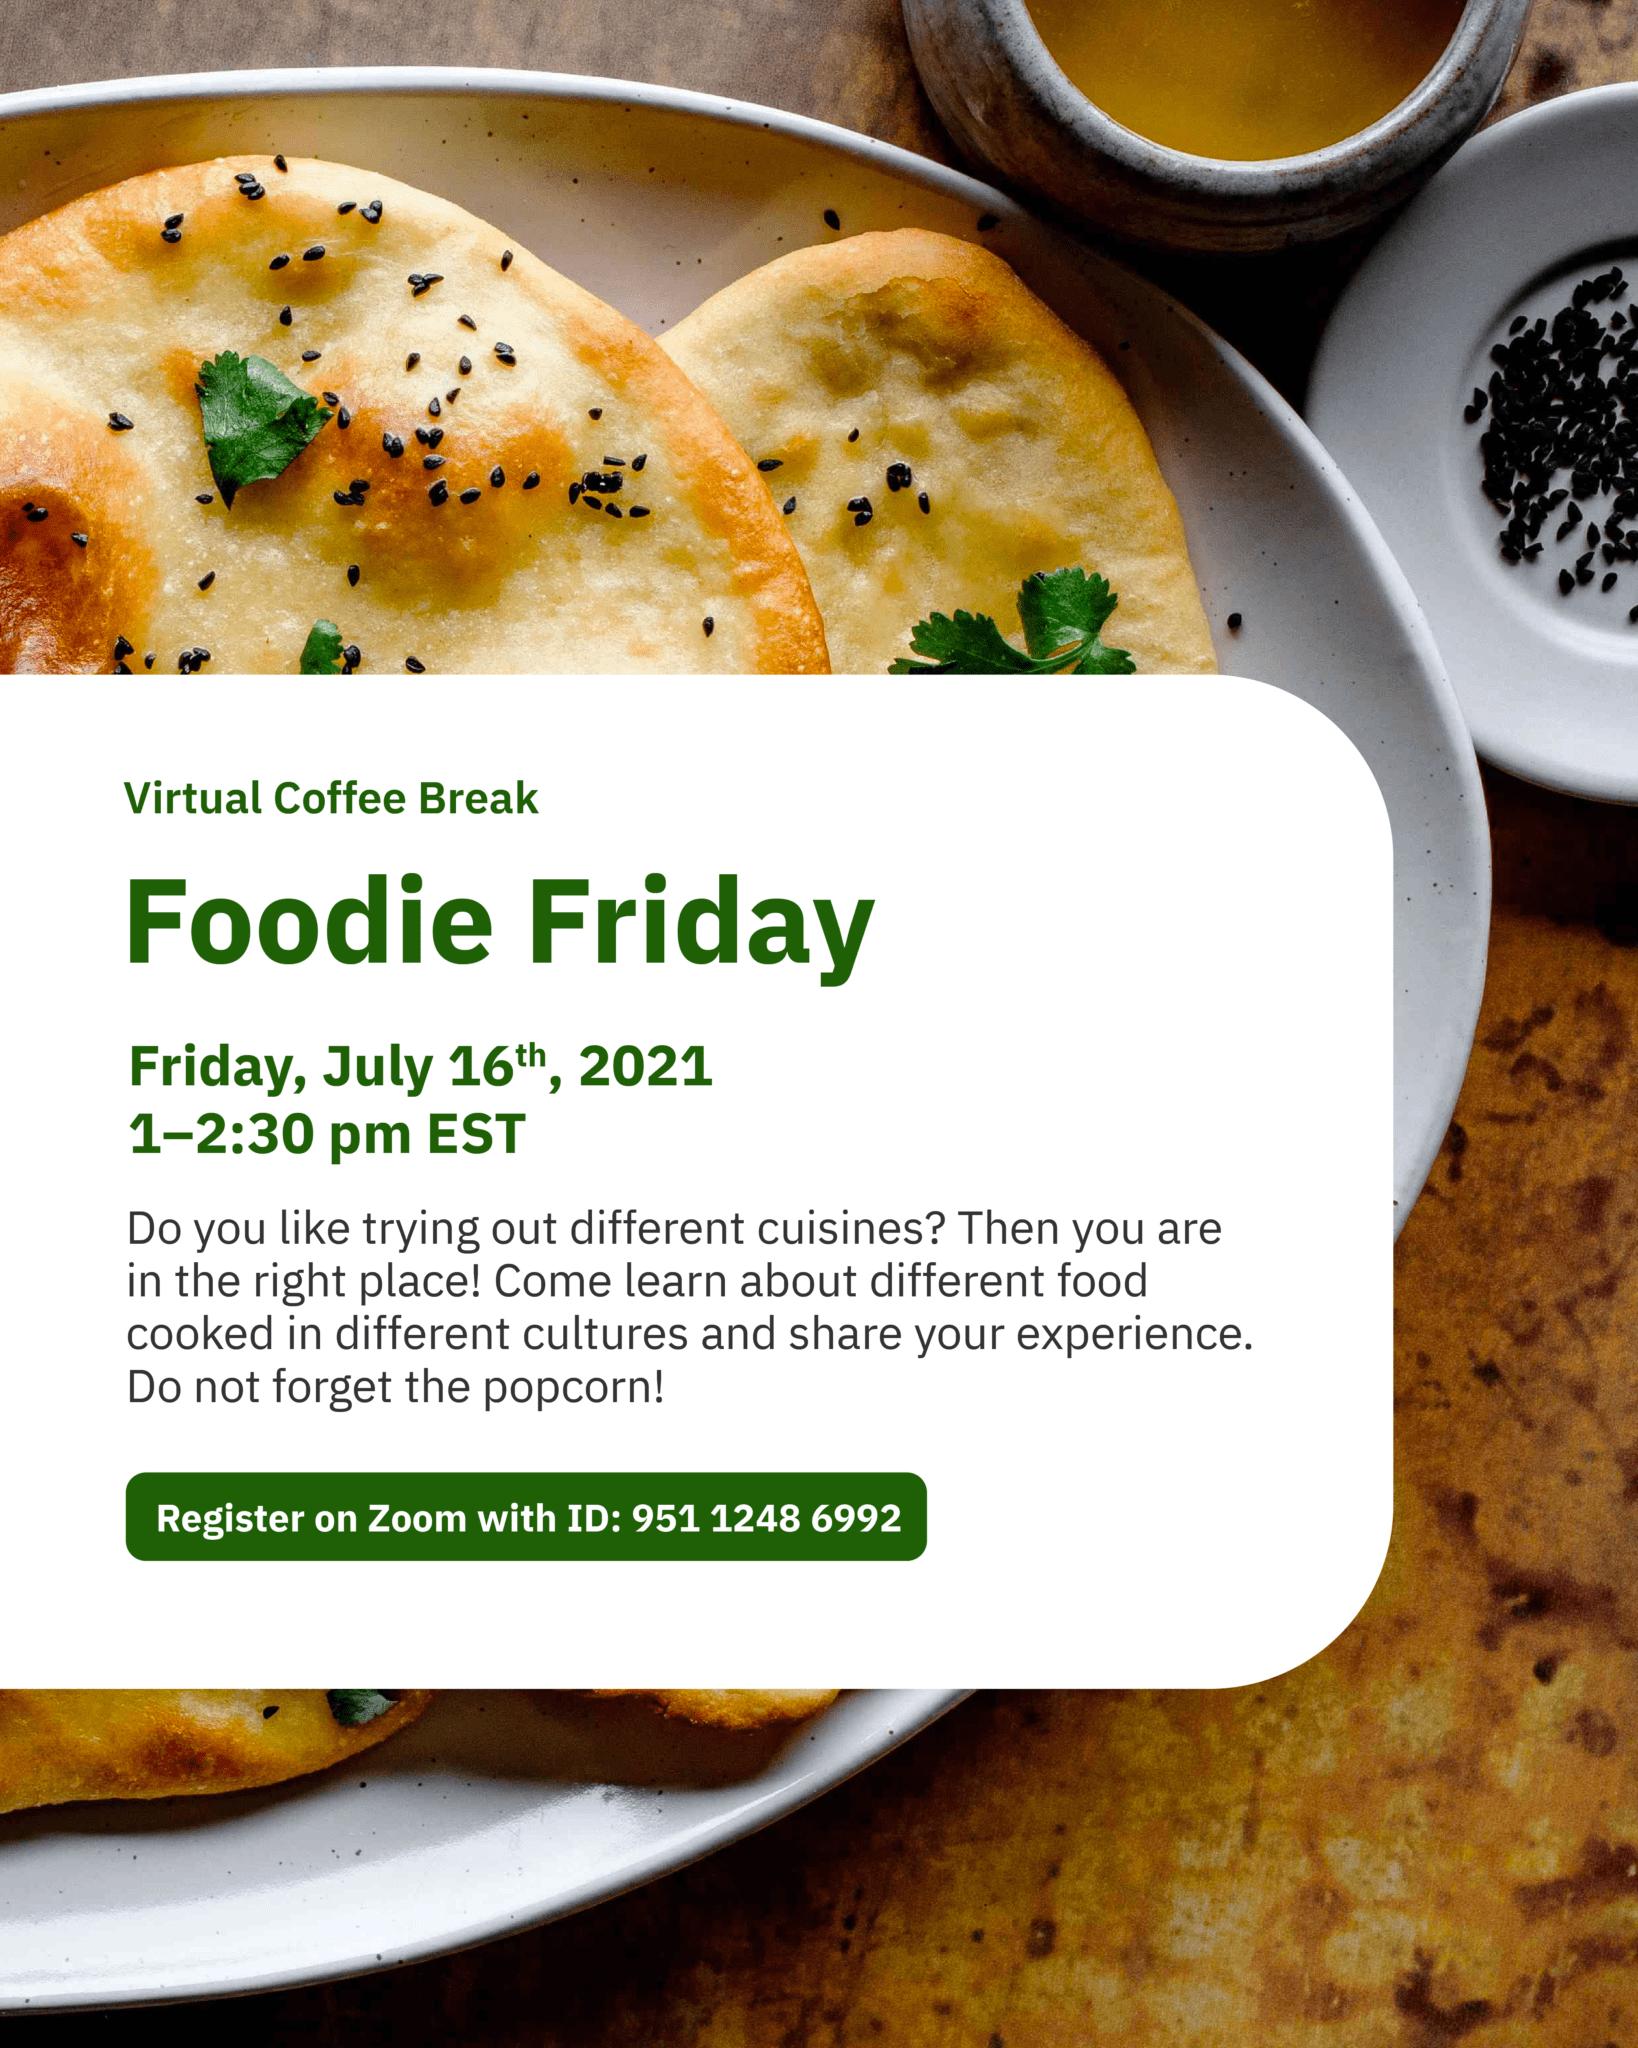 Virtual Coffee Break: Foodie Friday @ Zoom - York International